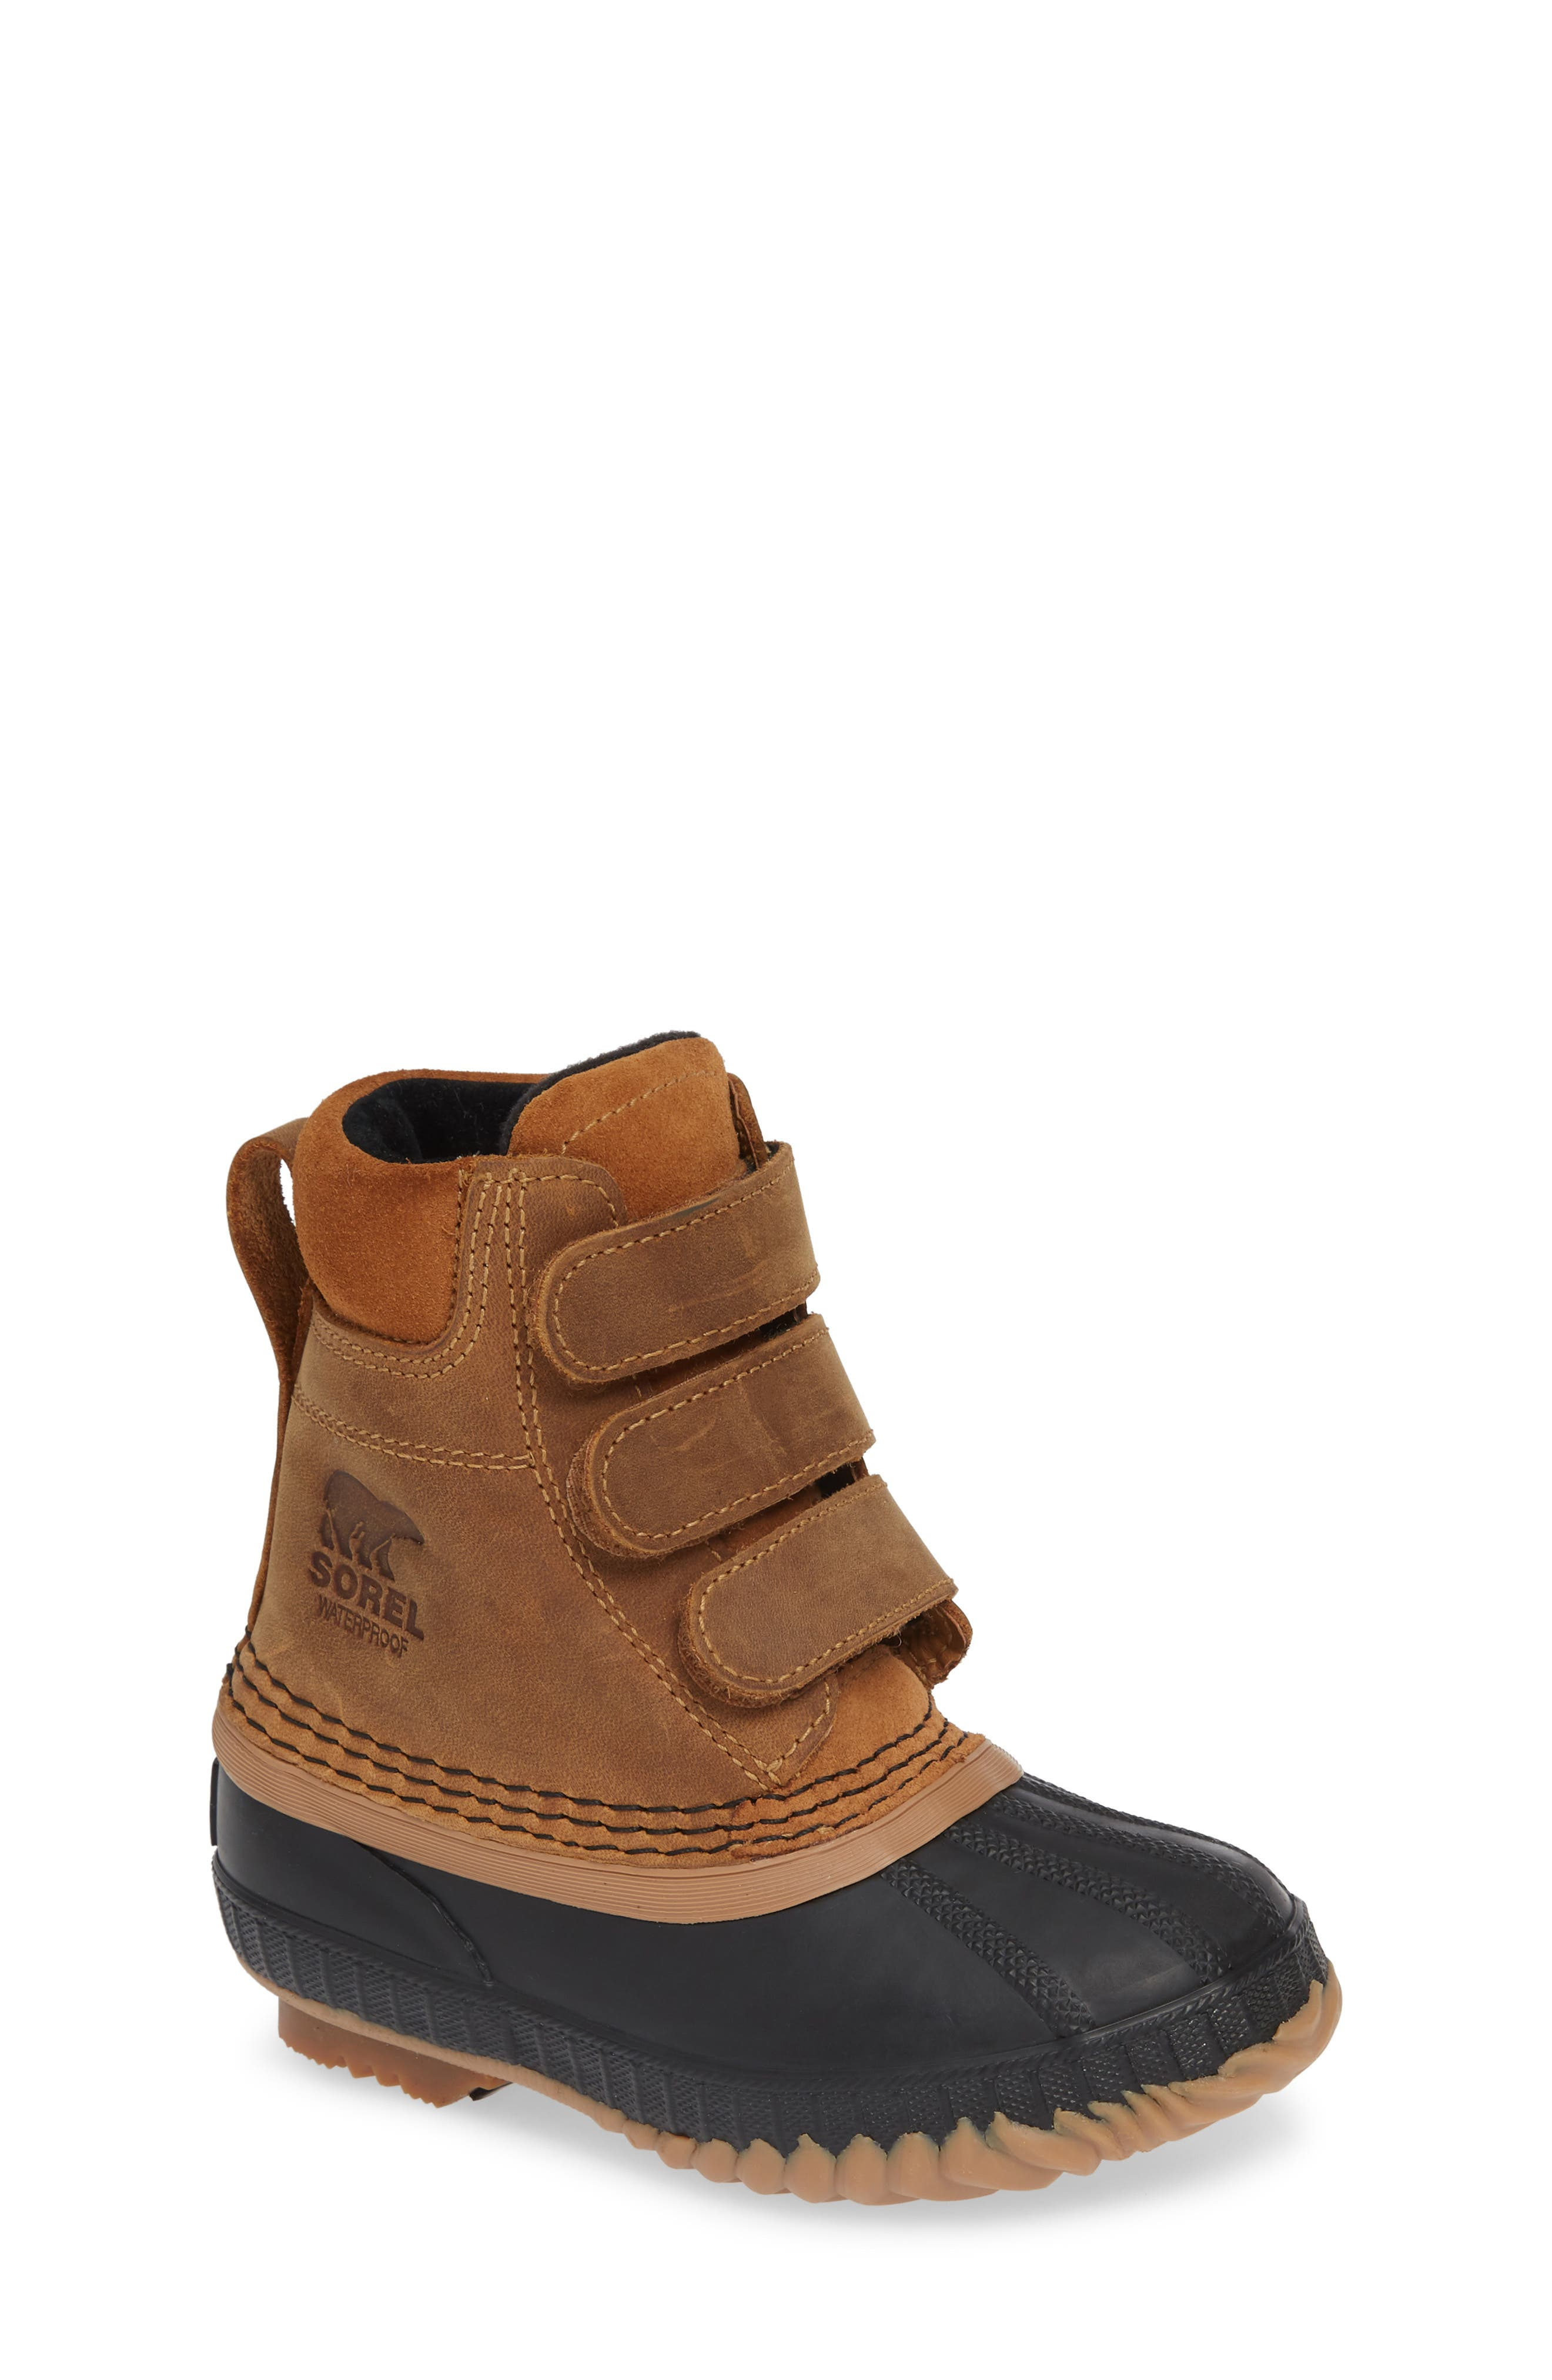 Cheyanne<sup>™</sup> II Waterproof Boot,                         Main,                         color, ELK/ BLACK